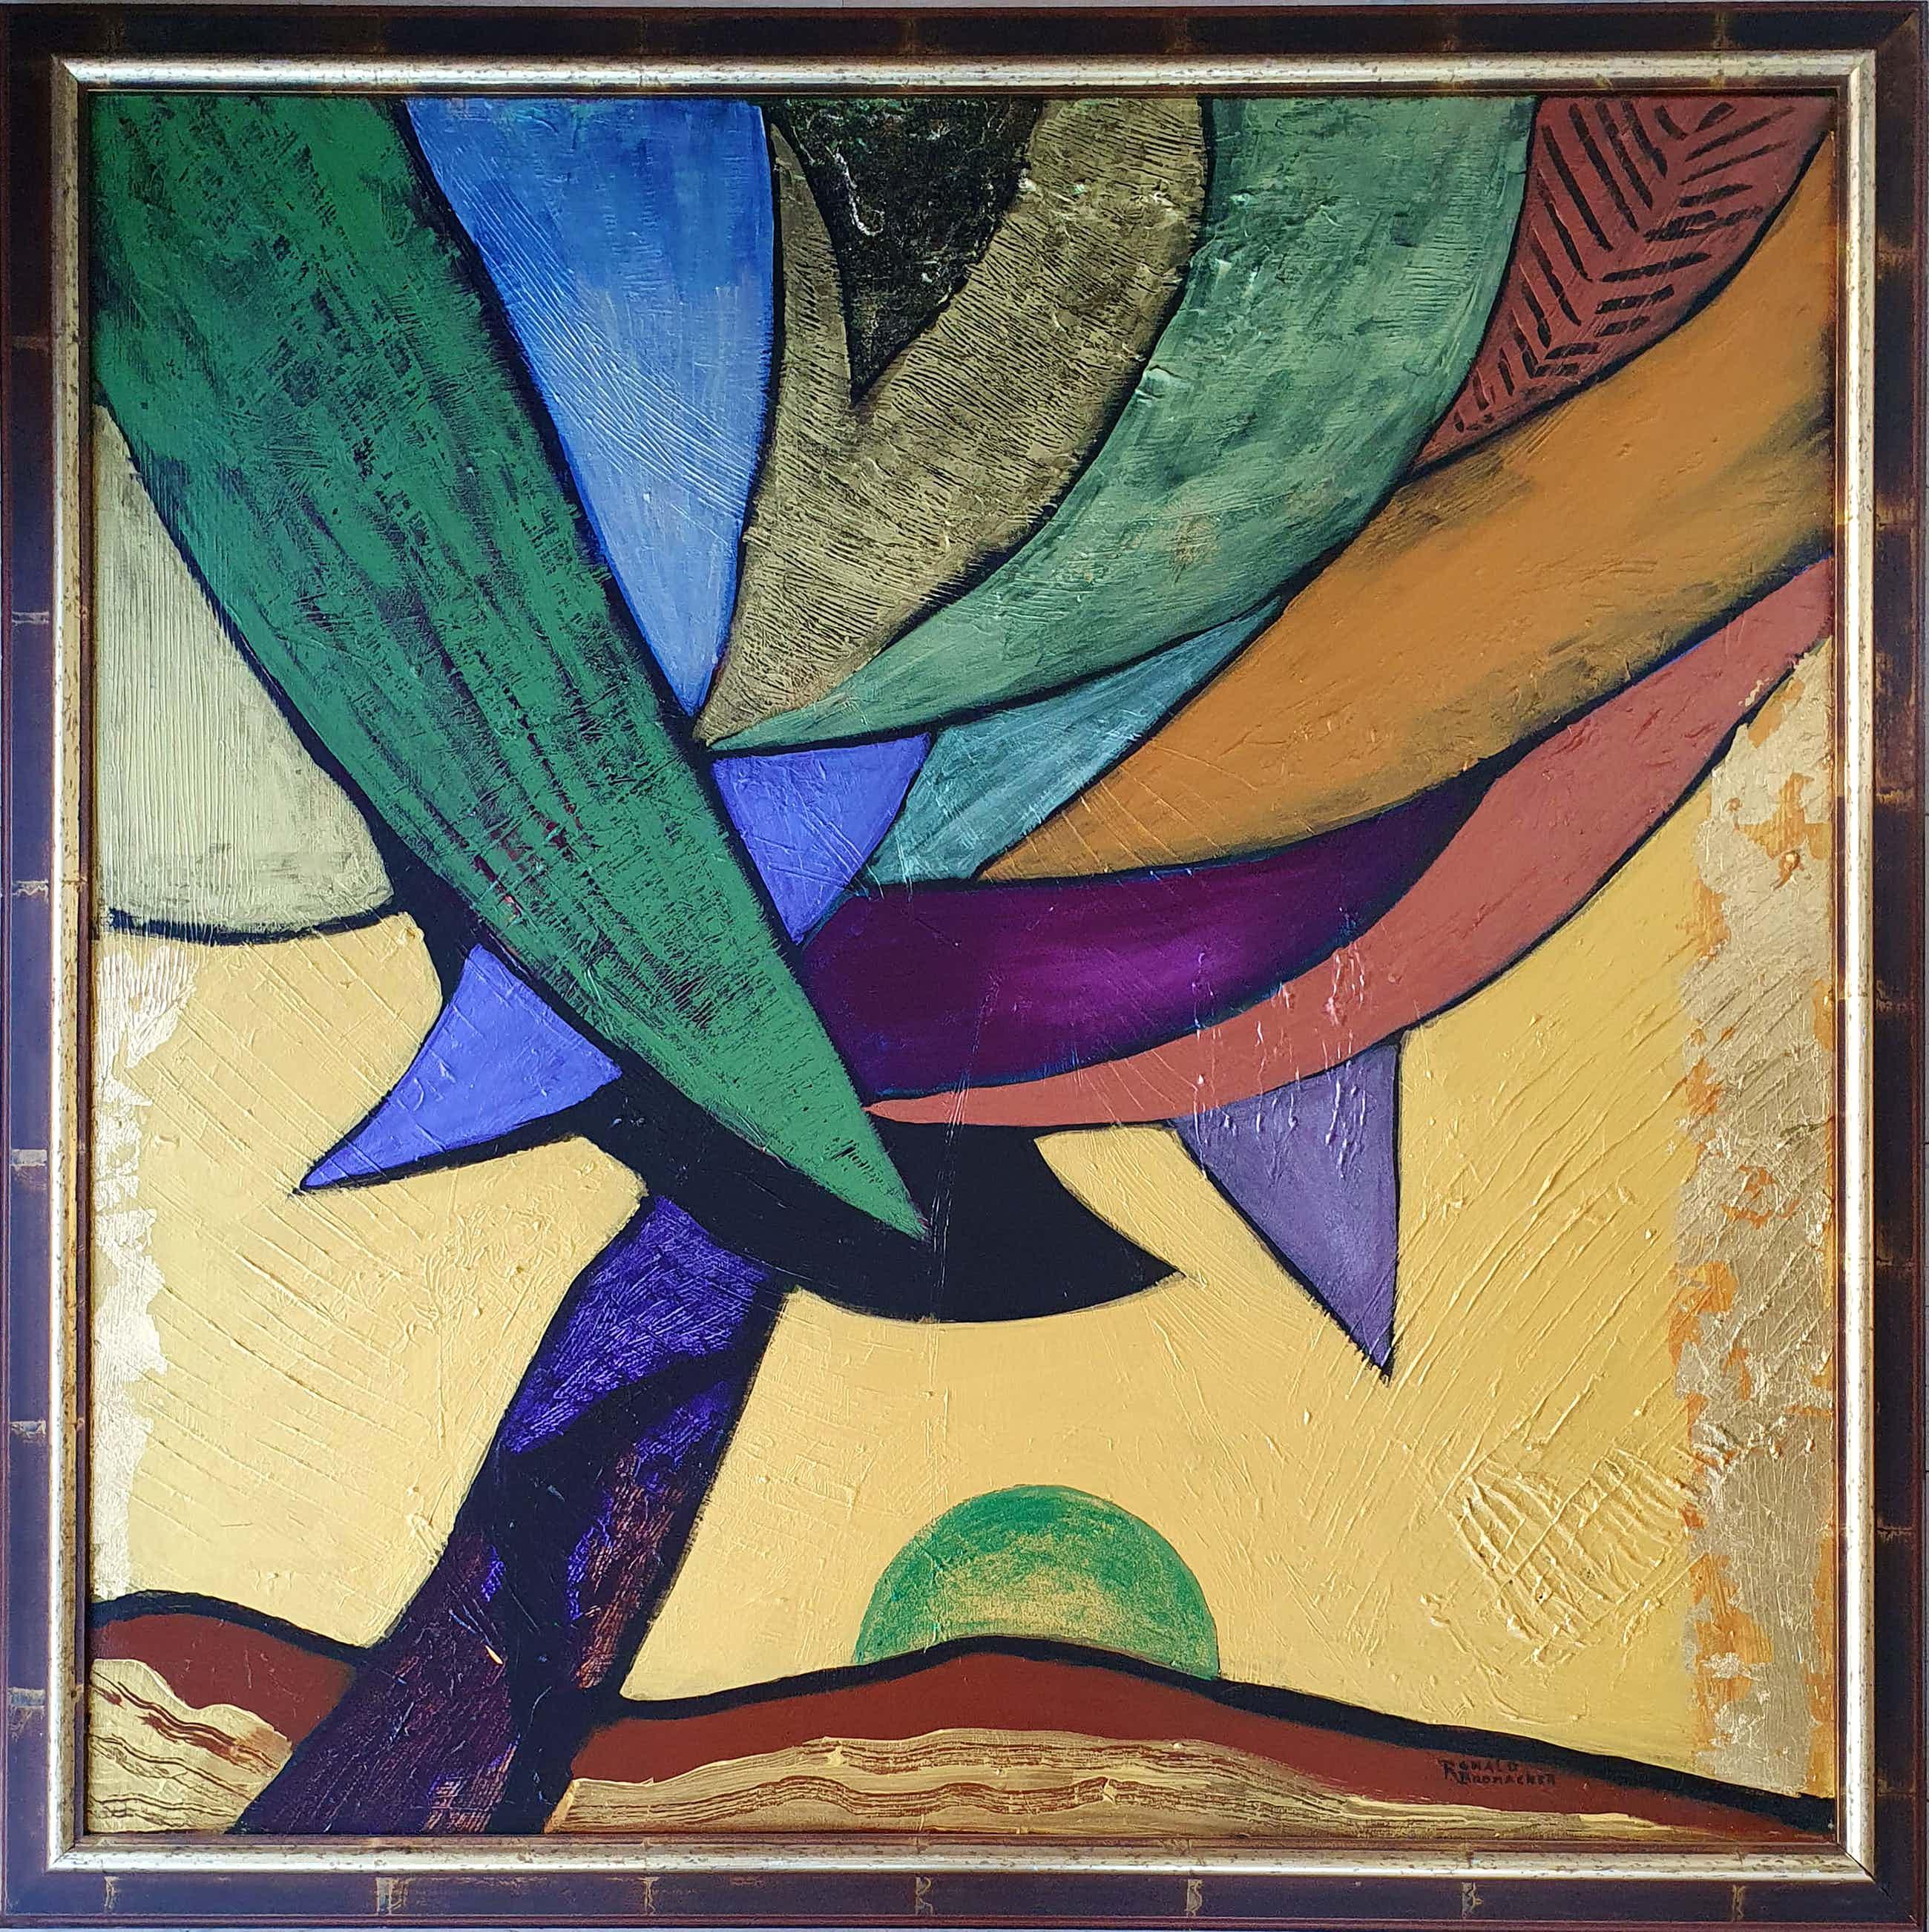 Ronald Boonacker - Schilderij: 'Royal palm' - Groot kopen? Bied vanaf 265!